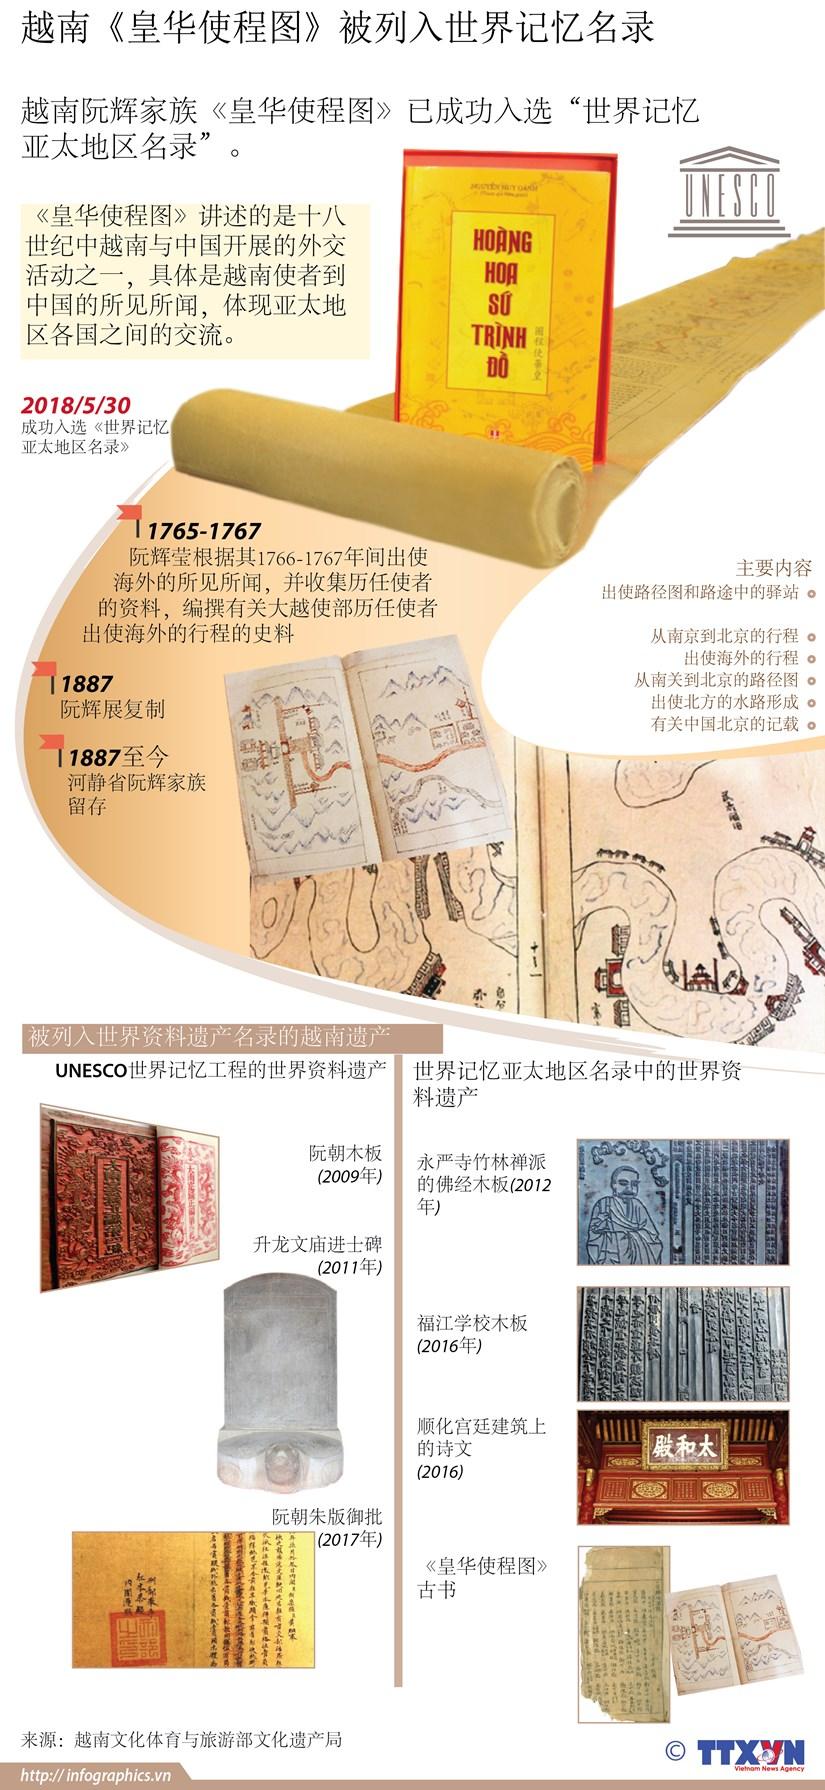 图表新闻:越南《皇华使程图》被列入世界记忆名录 hinh anh 1